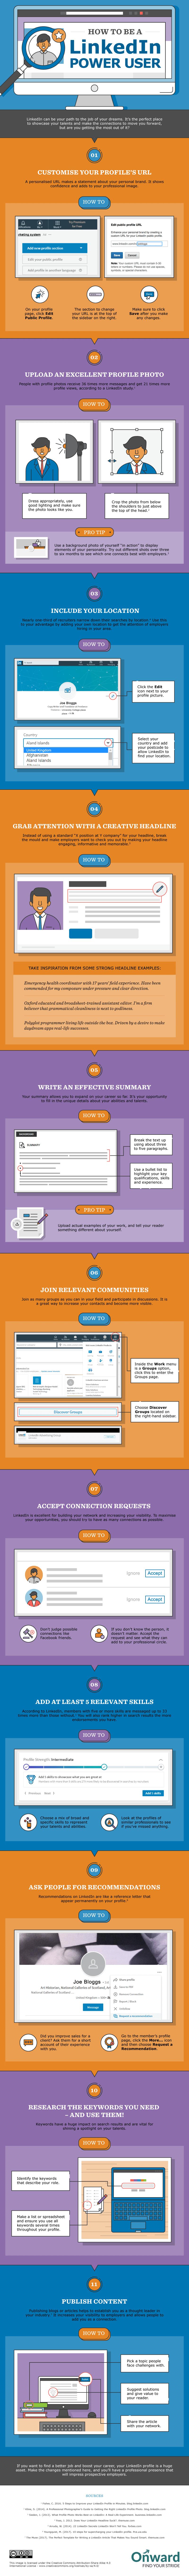 Come rendere efficace un profilo LinkedIn, infografica